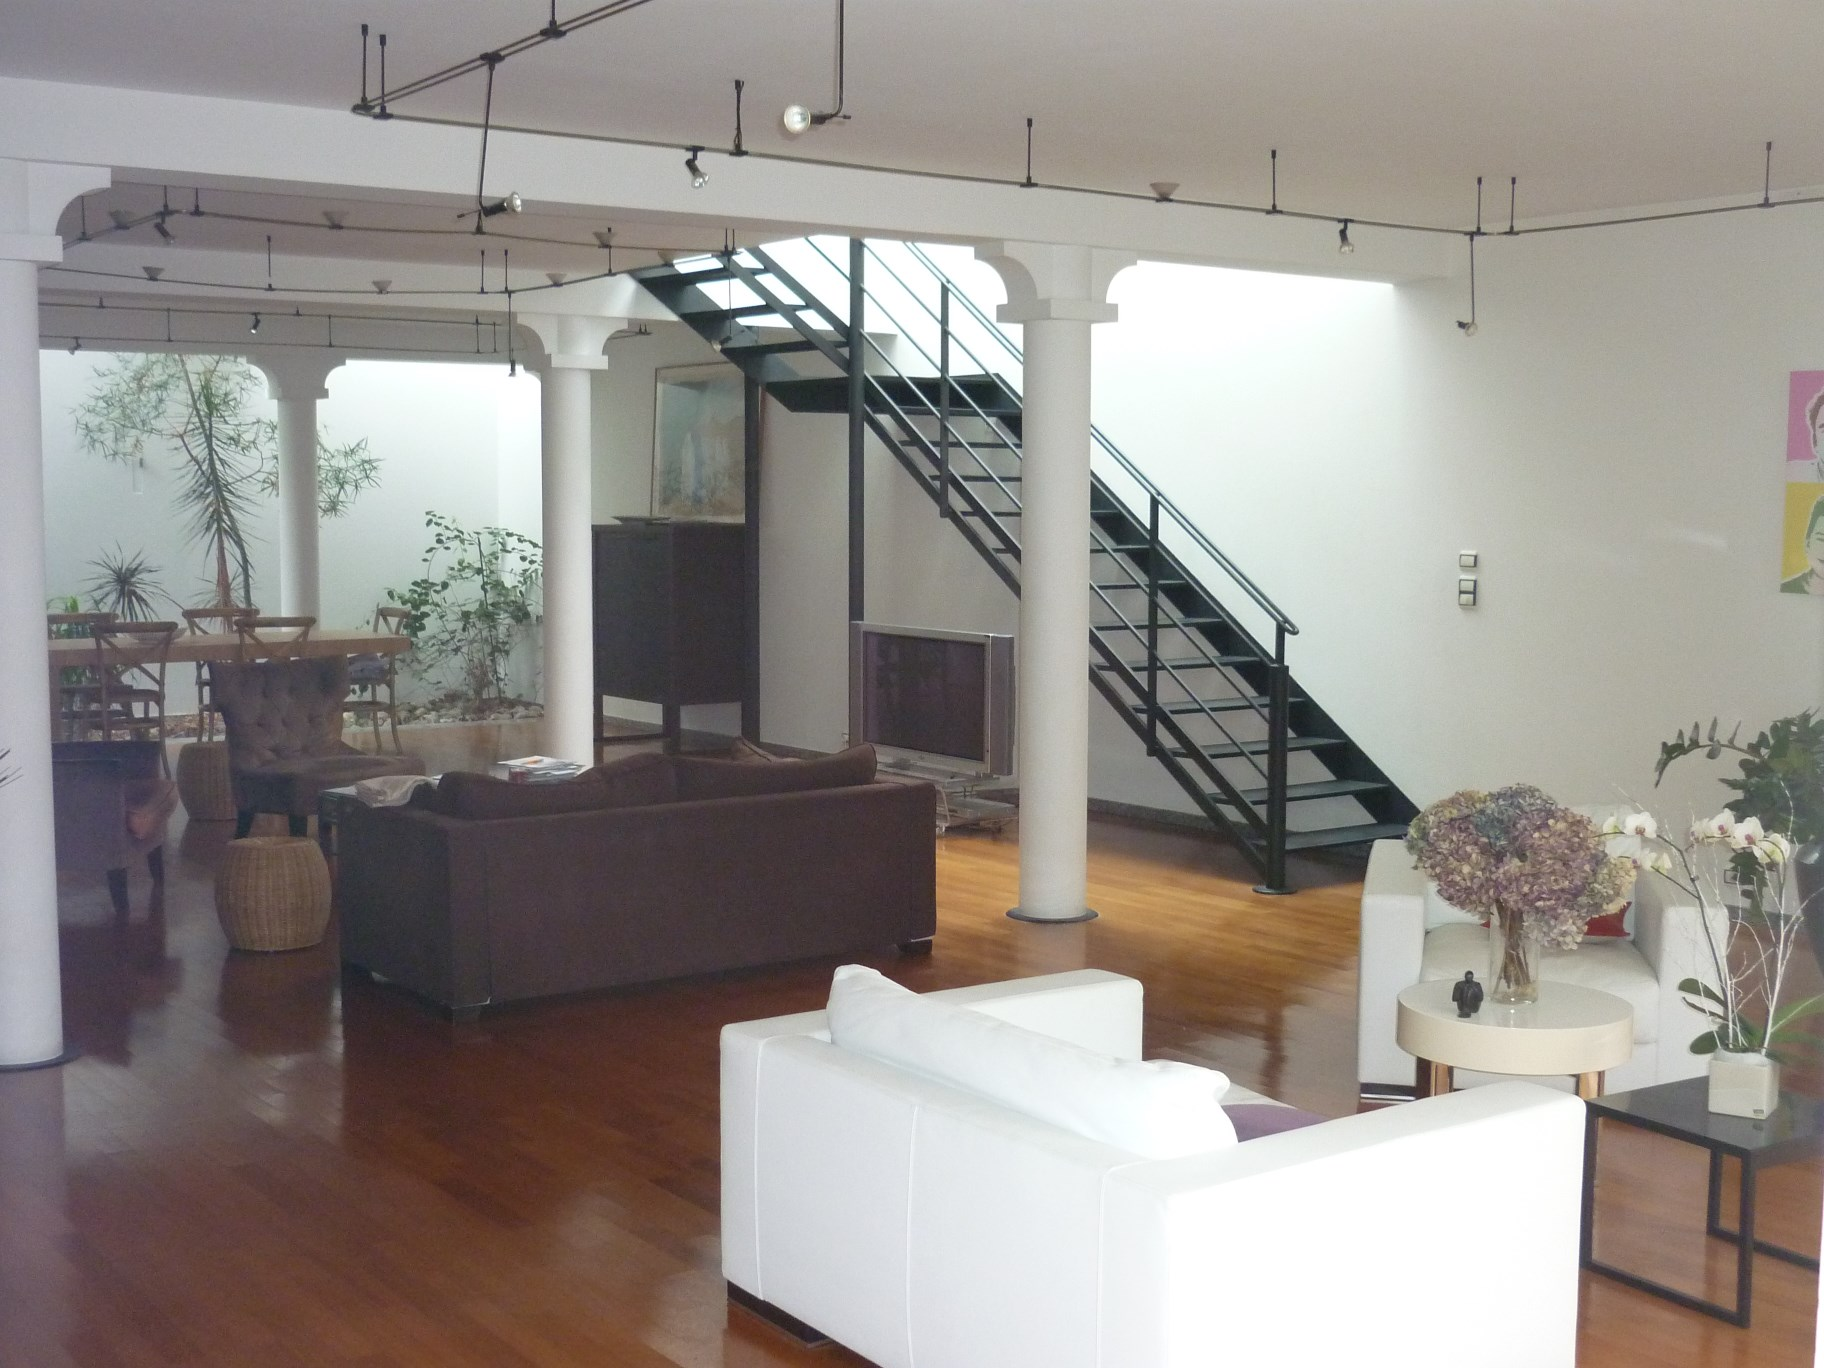 Villetta a schiera per Vendita alle ore maison loft Nantes, Paesi Della Loira 44000 Francia